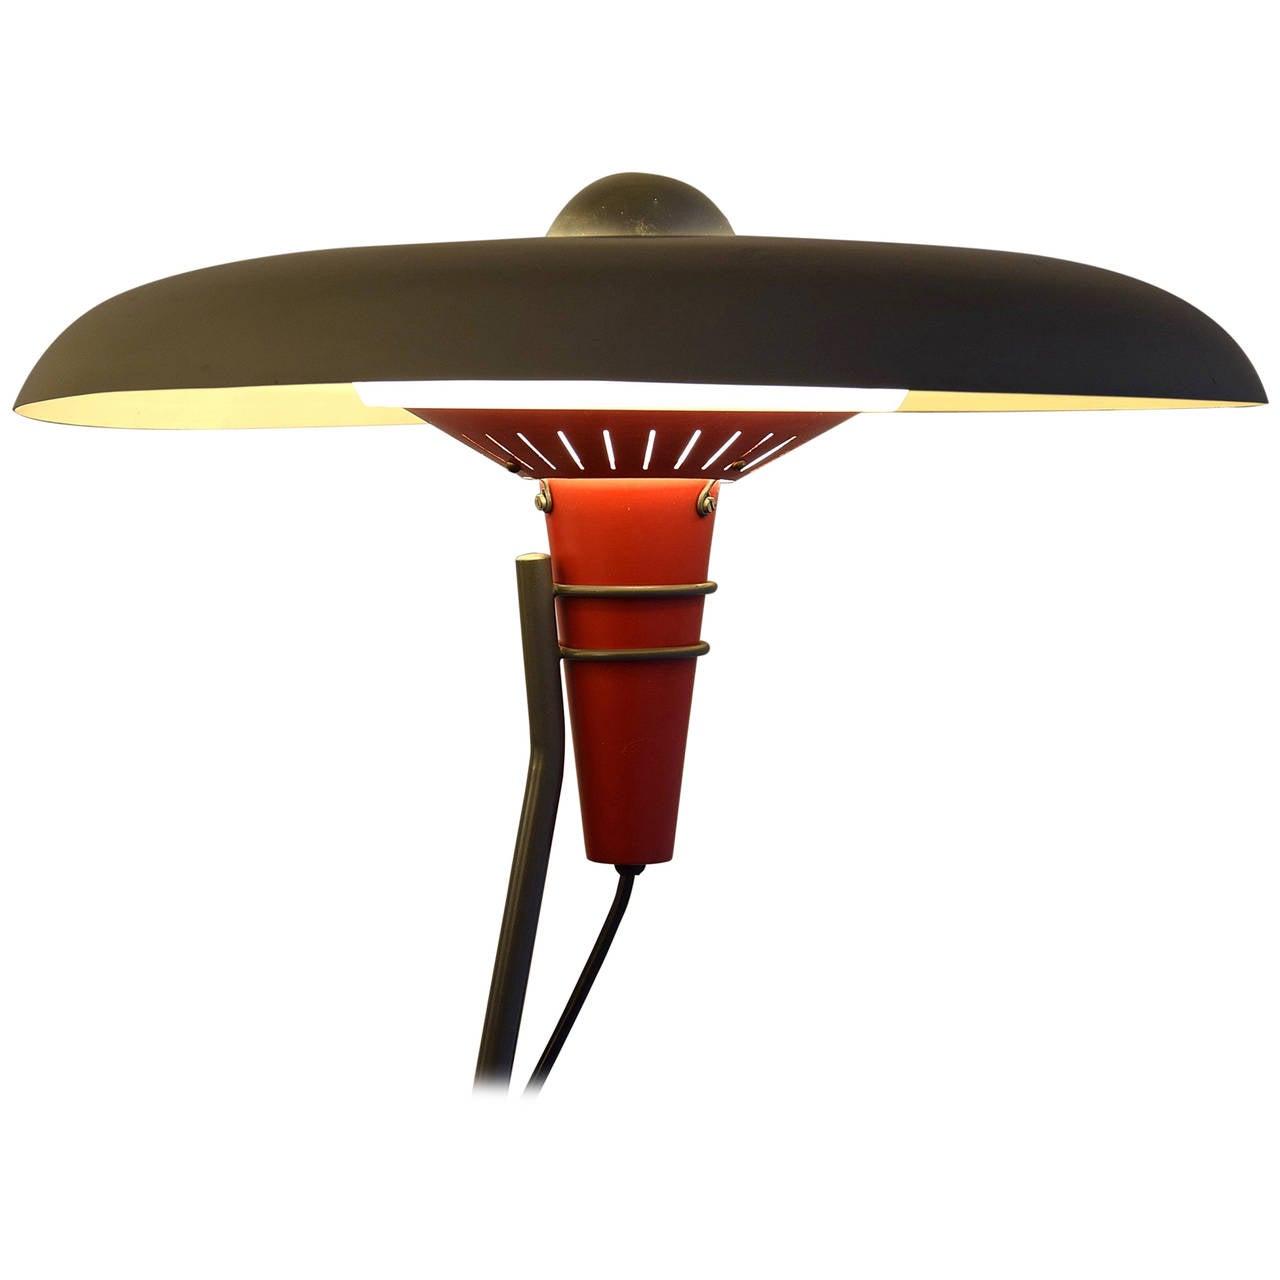 Philips NX 38 Floor Lamp Designed by Louis Kalff in 1957